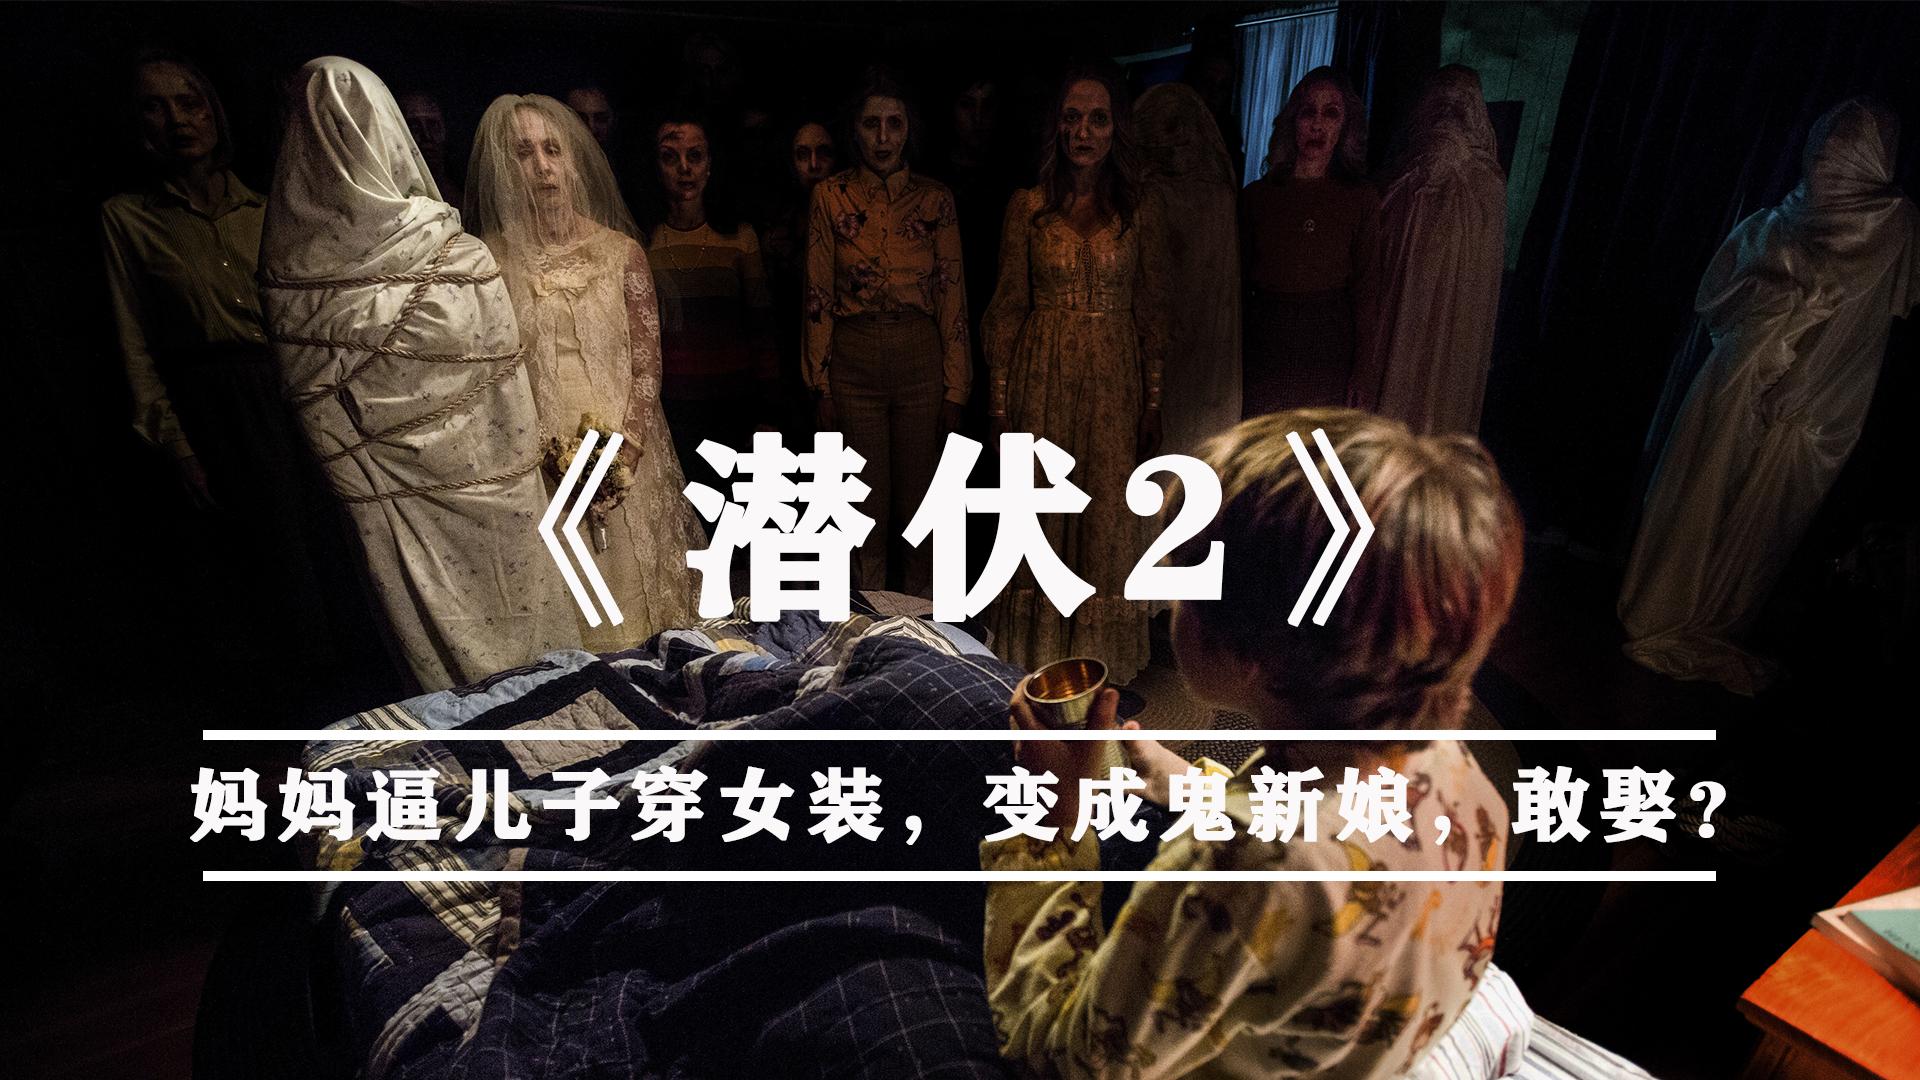 《潜伏2》:妈妈逼儿子穿女装,变成鬼新娘,你敢娶吗?